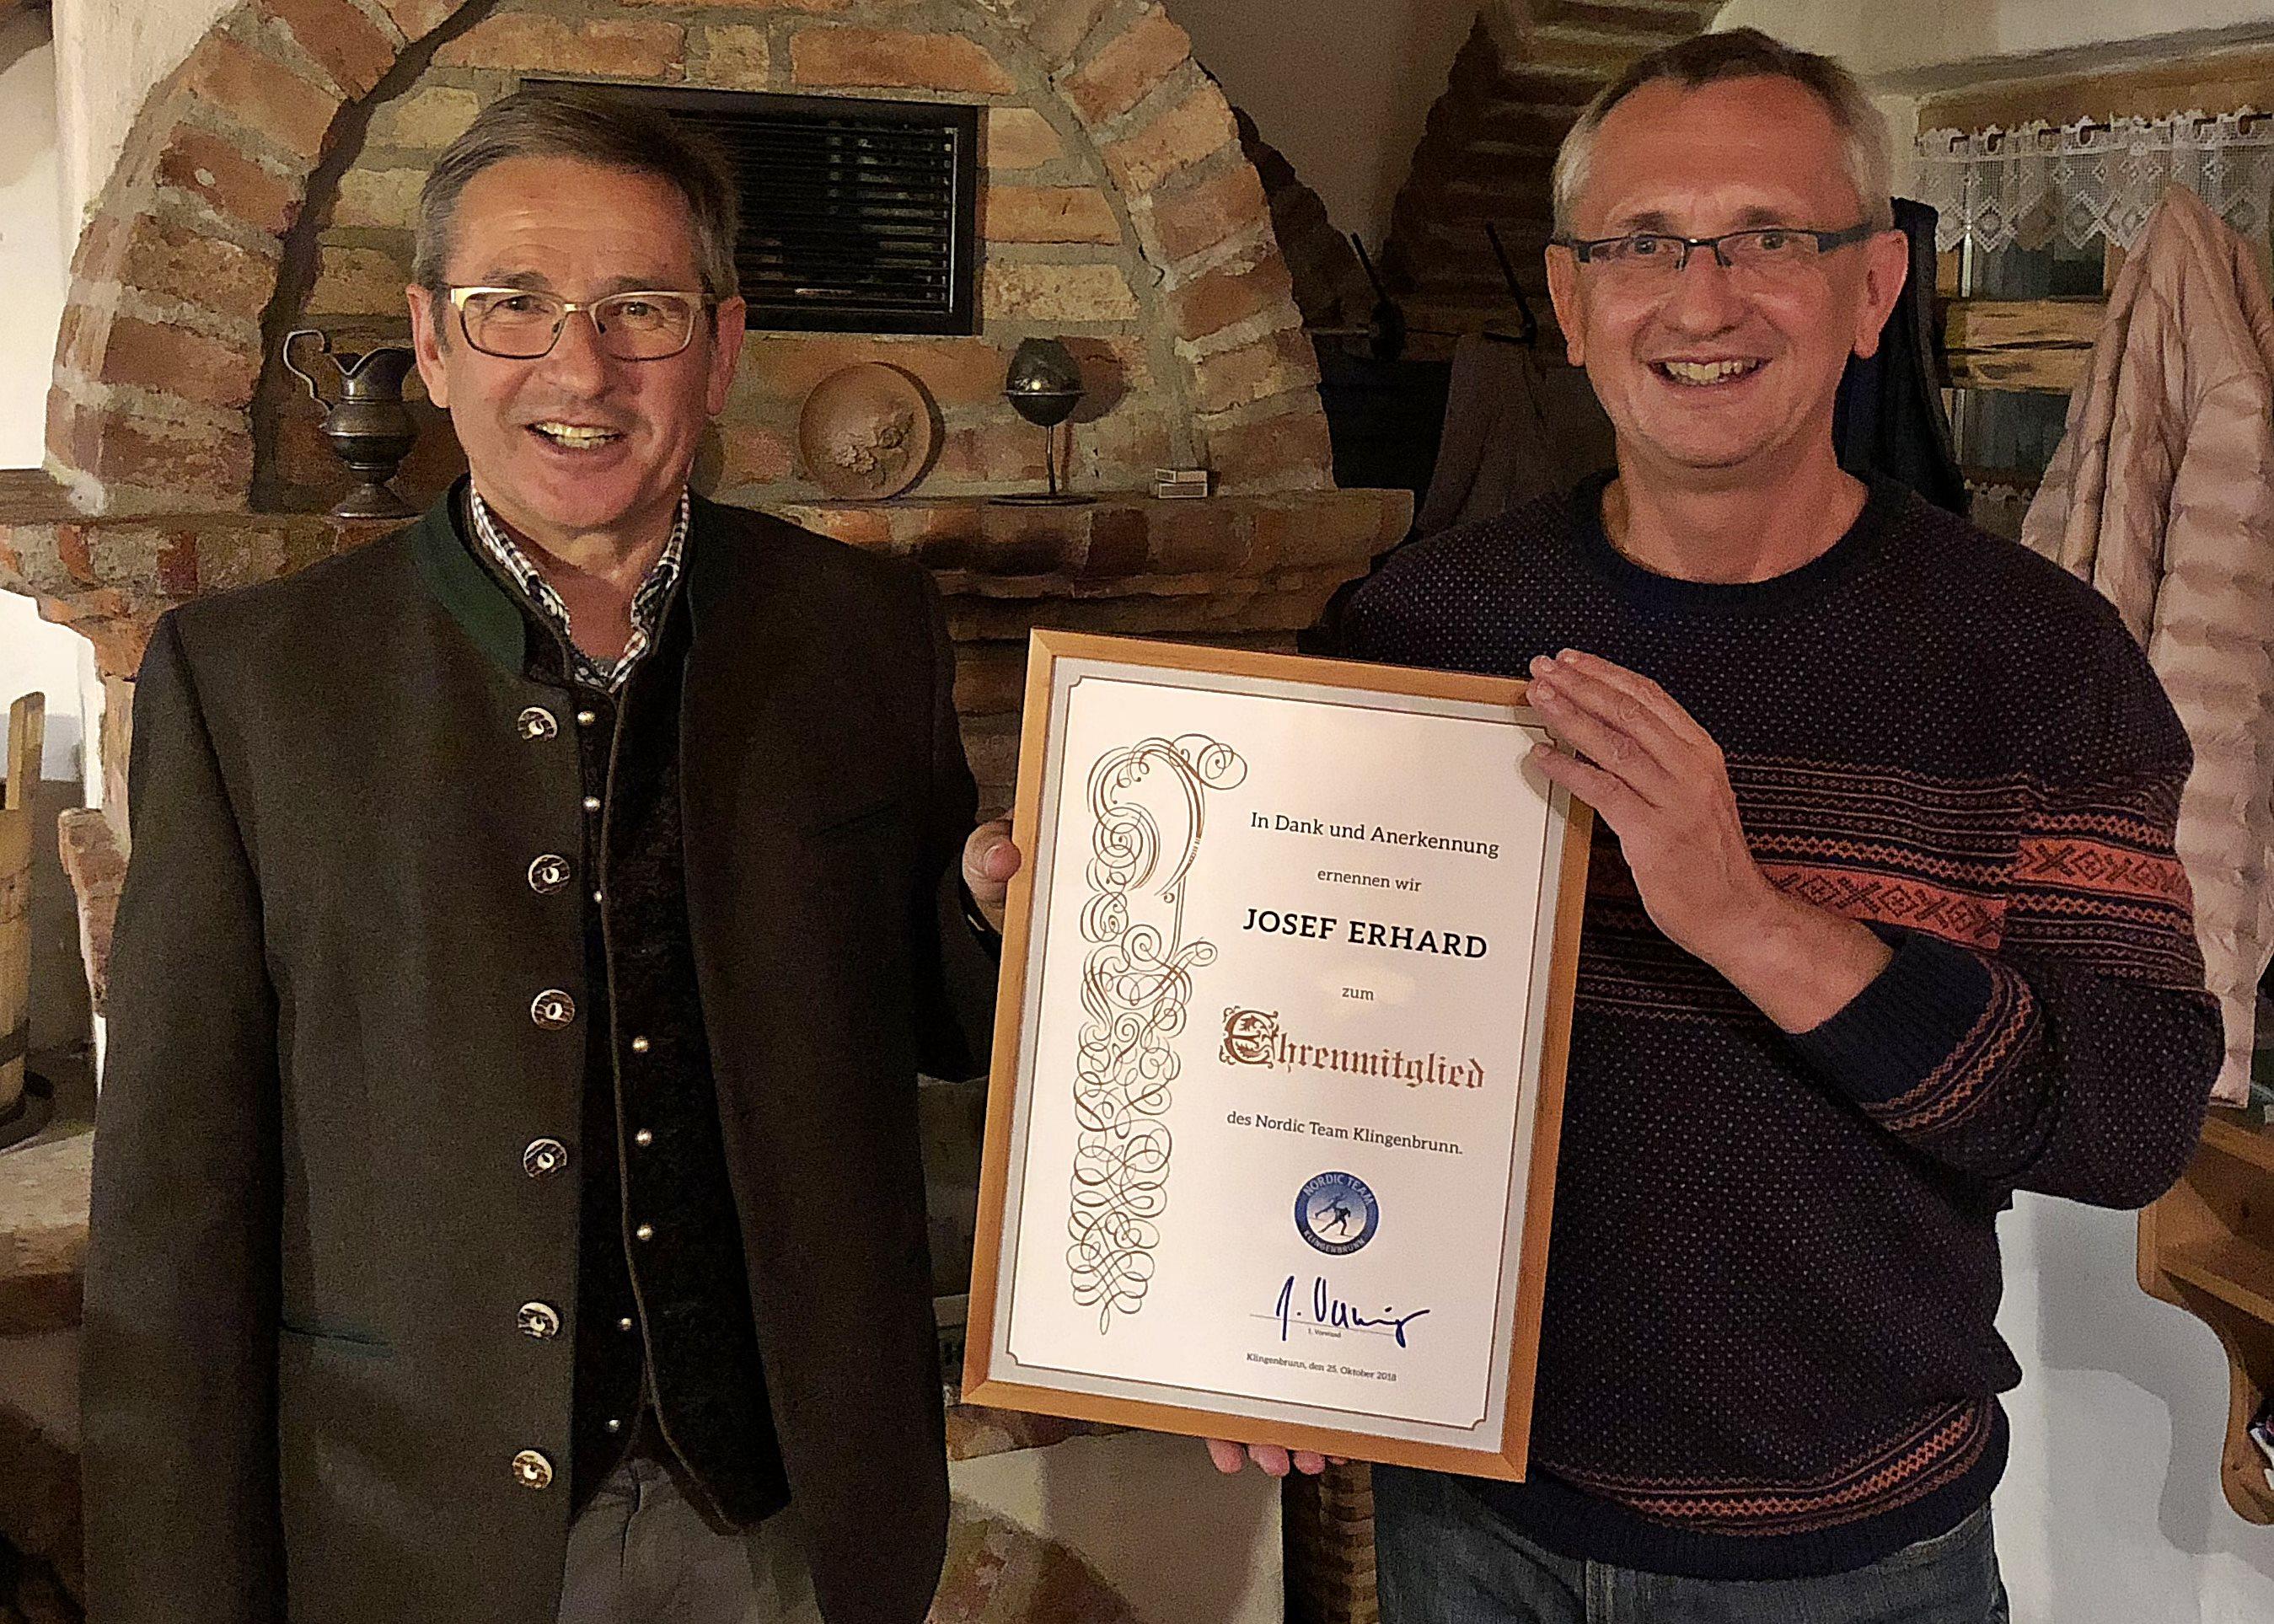 1. Vorsitzender Josef Wanninger würdigte die ehrenamtlichen Leistungen von Sepp Erhard und ernannte ihn im Namen des Nordic Teams Klingenbrunn zum ersten Ehrenmitglied des Vereins.